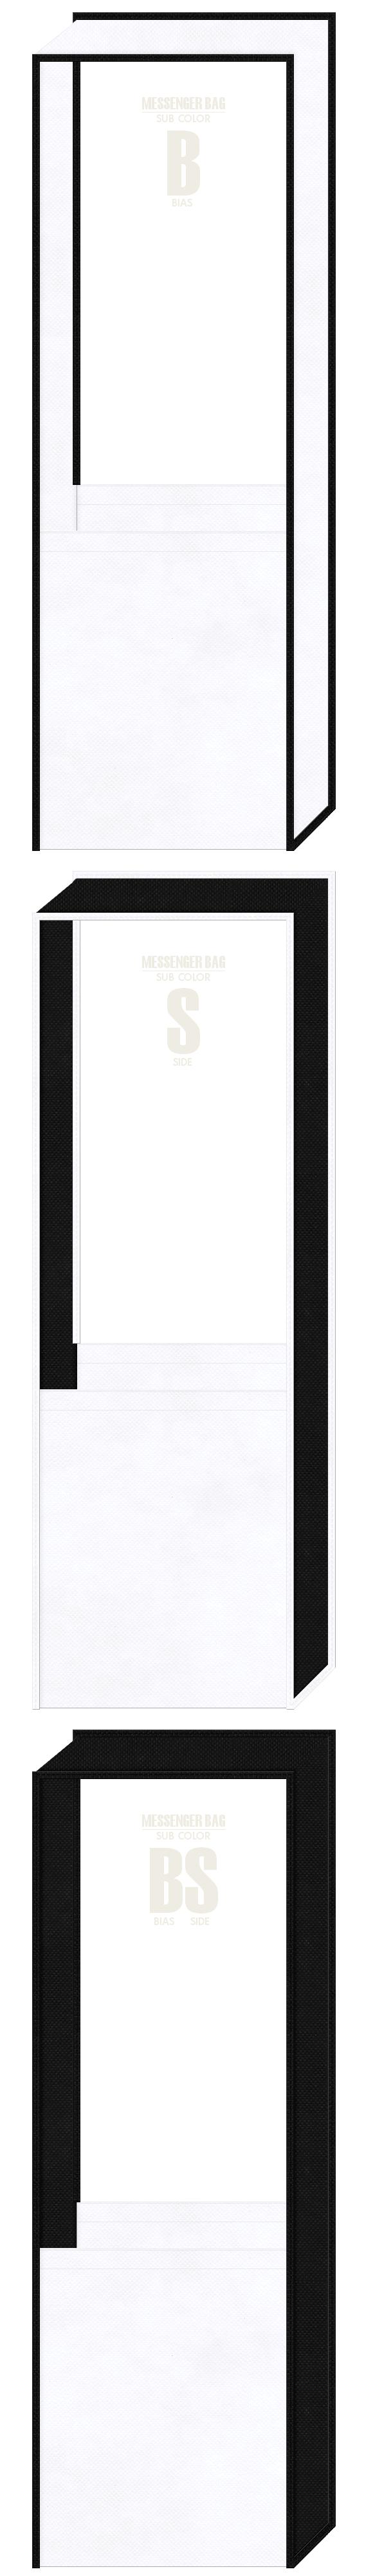 白色と黒色の不織布メッセンジャーバッグのデザイン